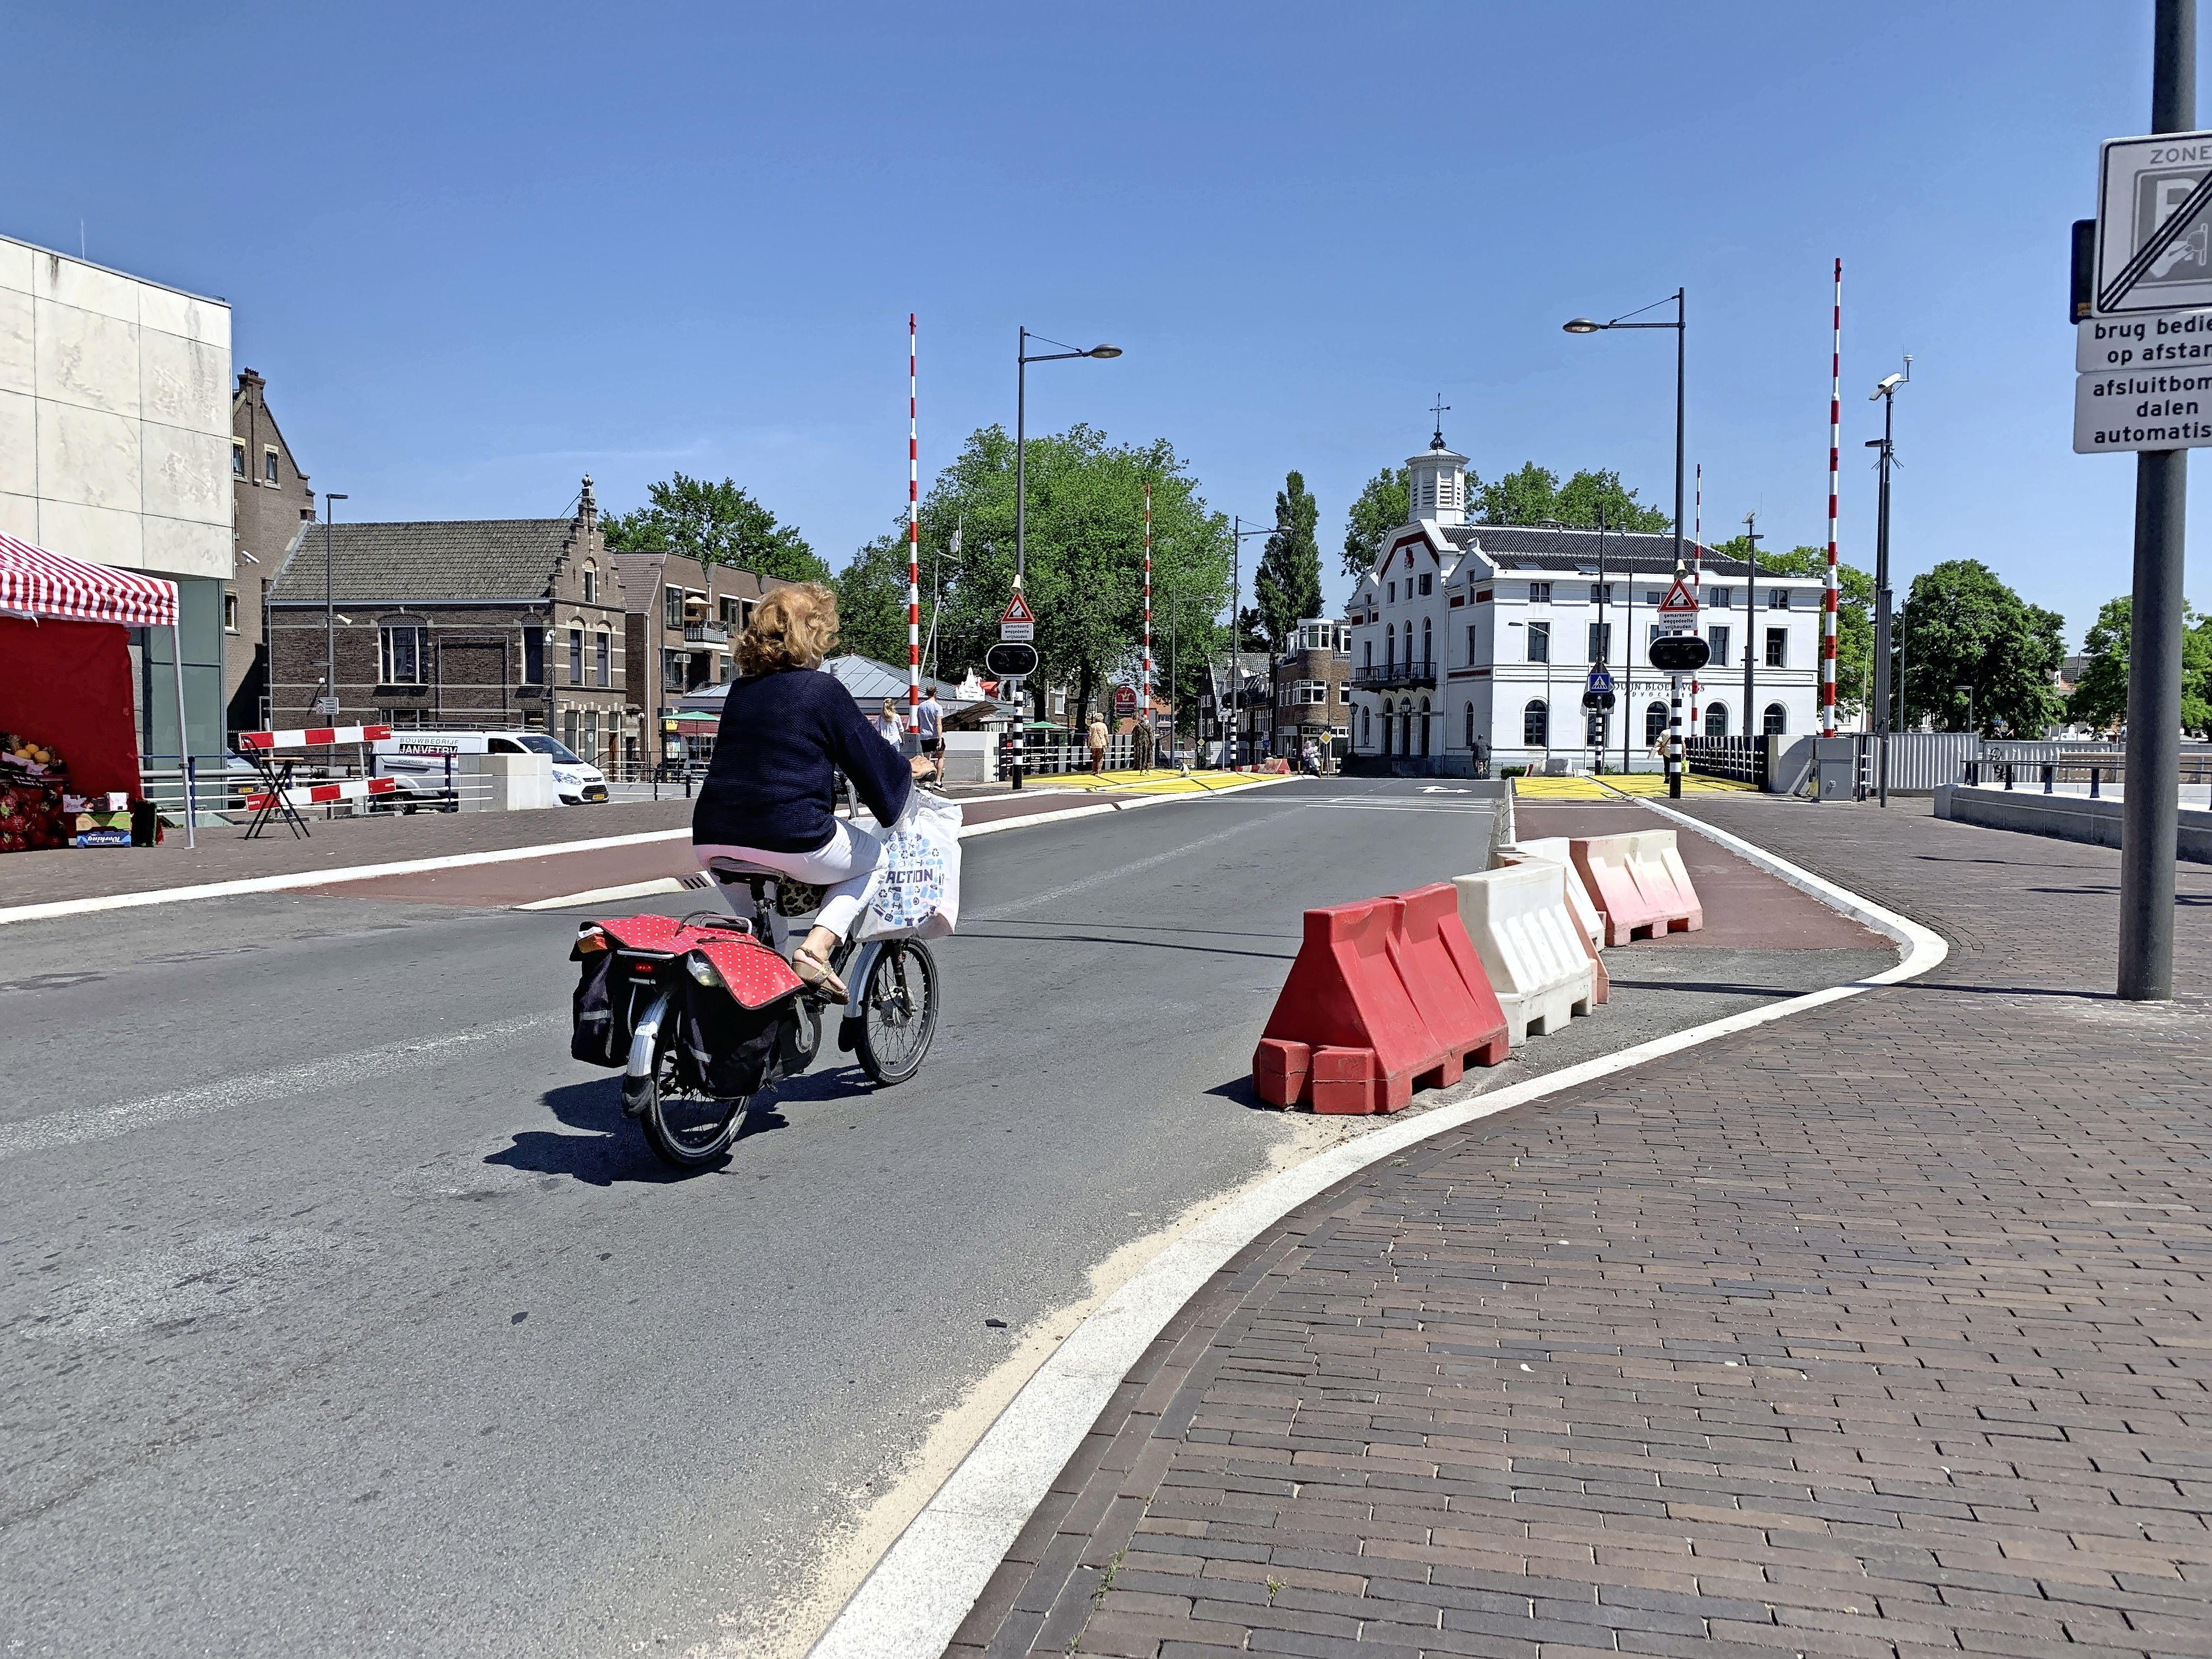 Fietsers en auto's samen over Wilhelminabrug is het veiligste. Onderzoekers vinden Beatrixbrug beter